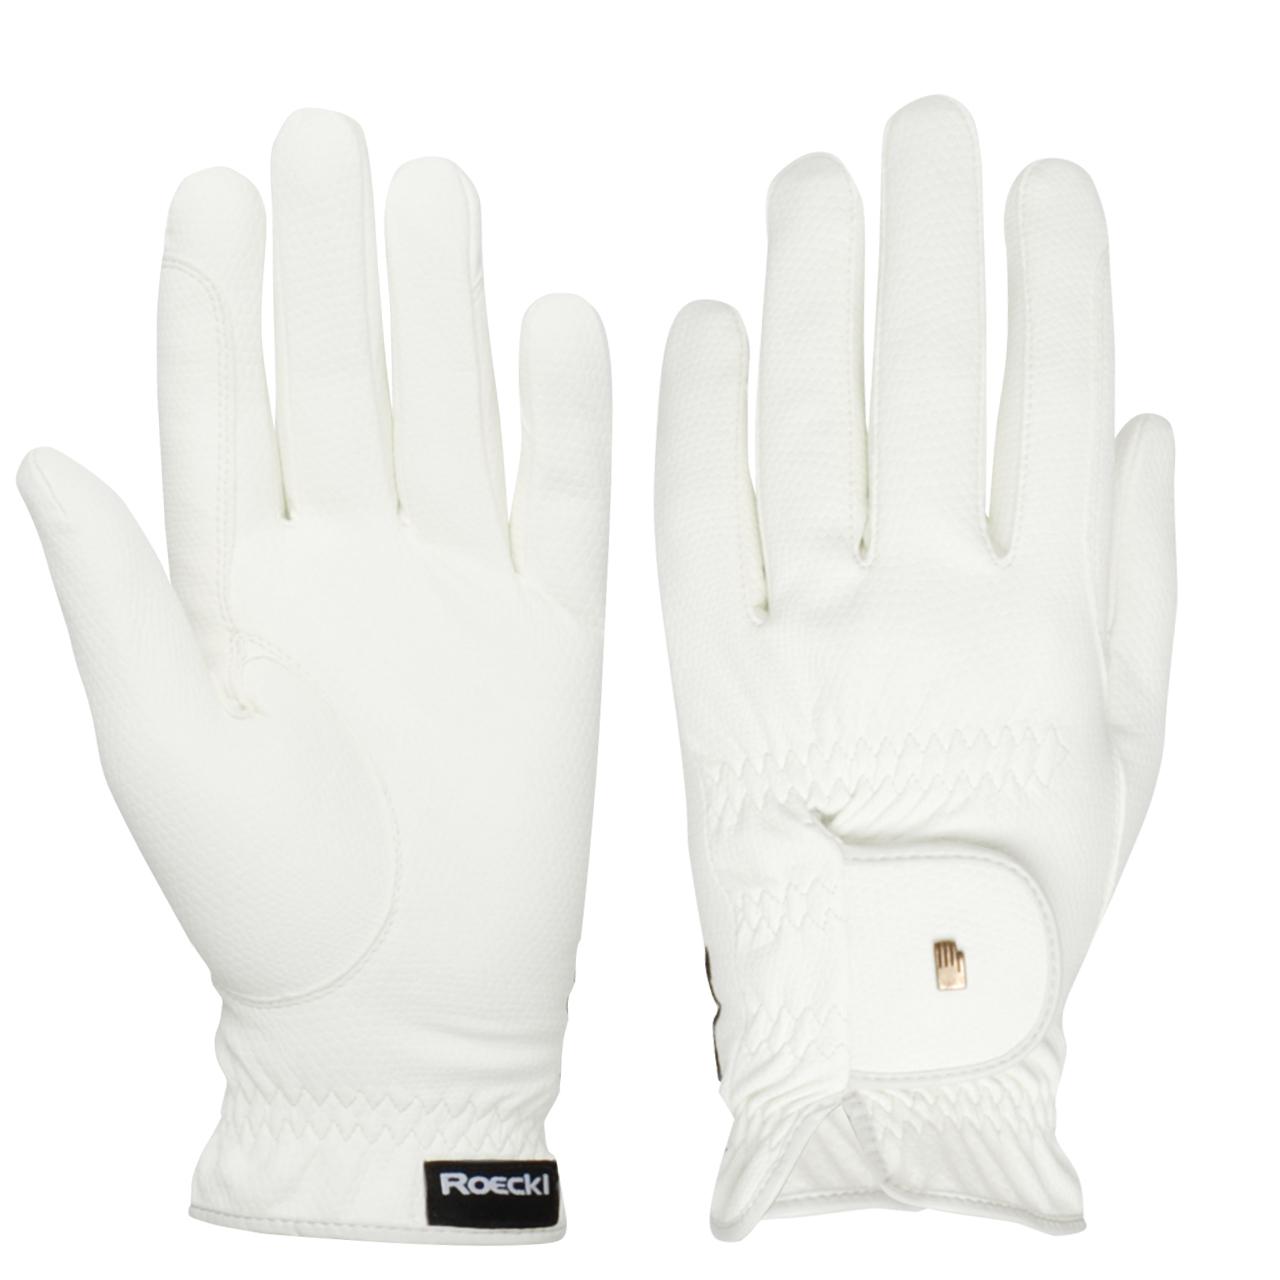 Roeckl Roeck grip Handschoen wit maat:11